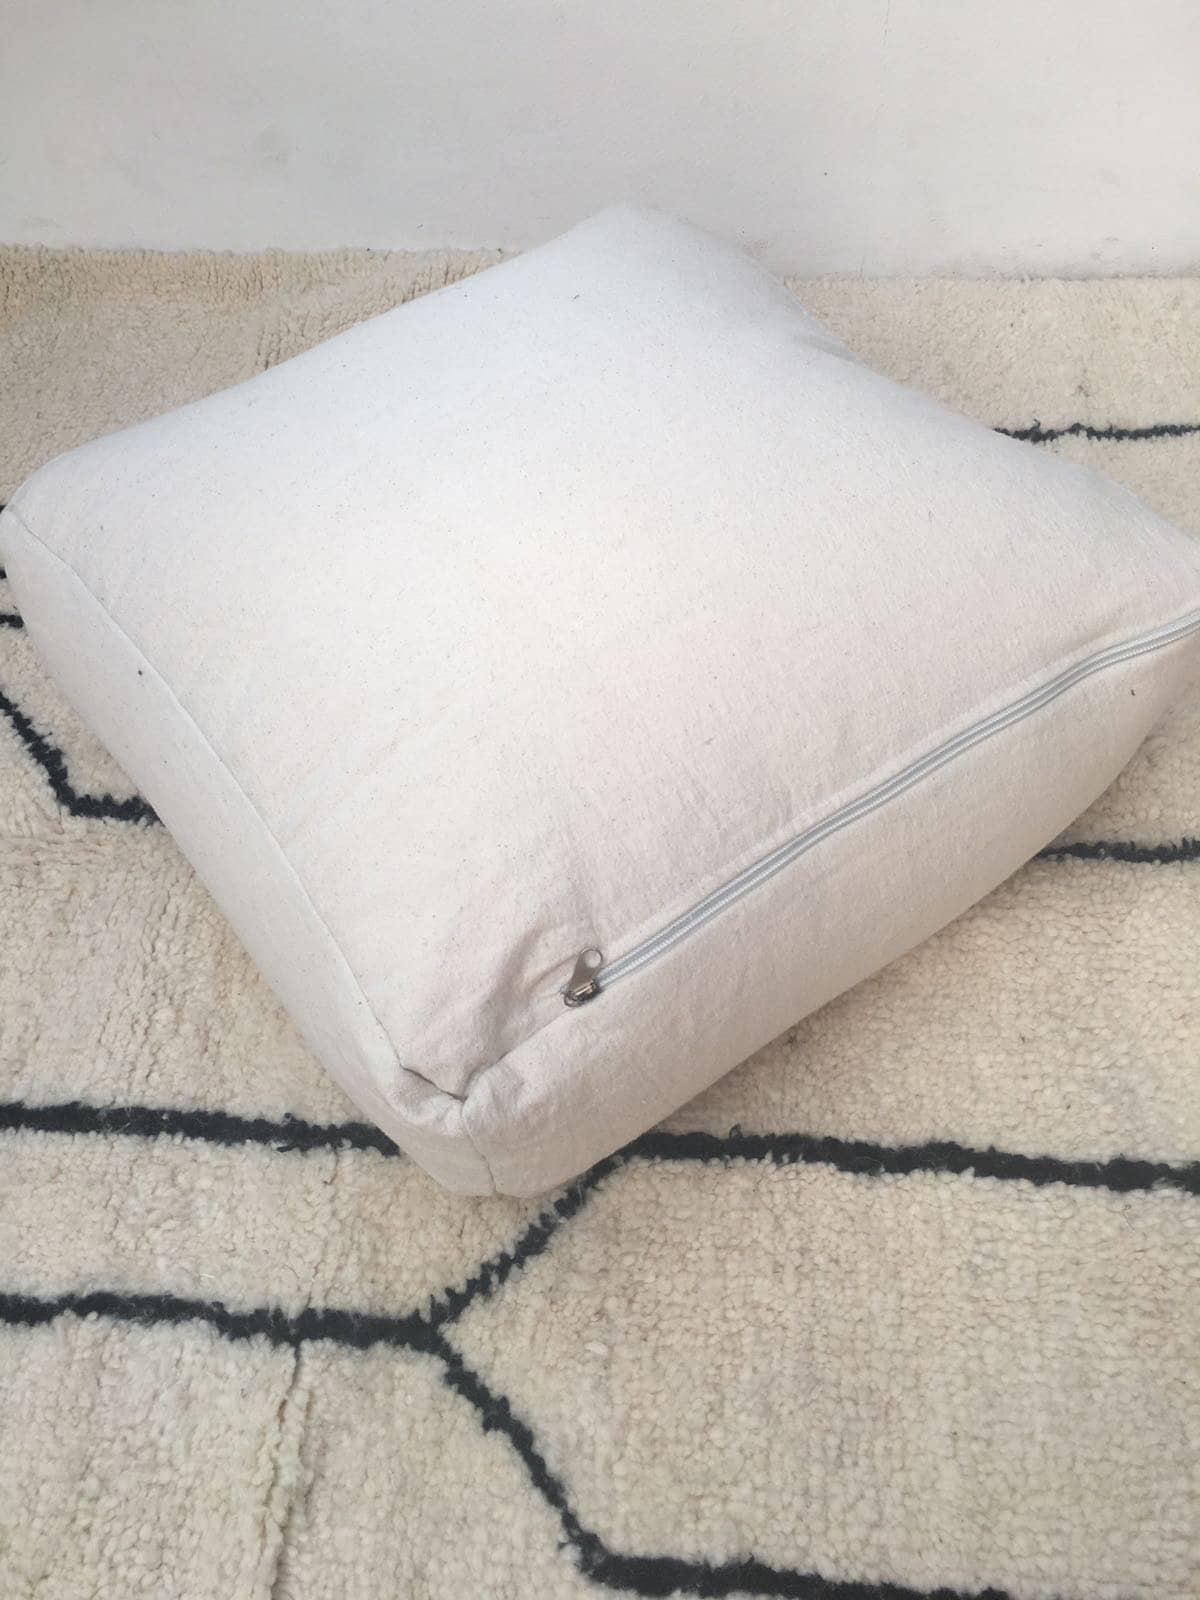 Coussin de plancher Pouffe marocaine vintage en Sabra Rug  | Oreiller coton, sabra, soie de cactus / Couverture et insertion SEULEMENT ( pas de remplissage )